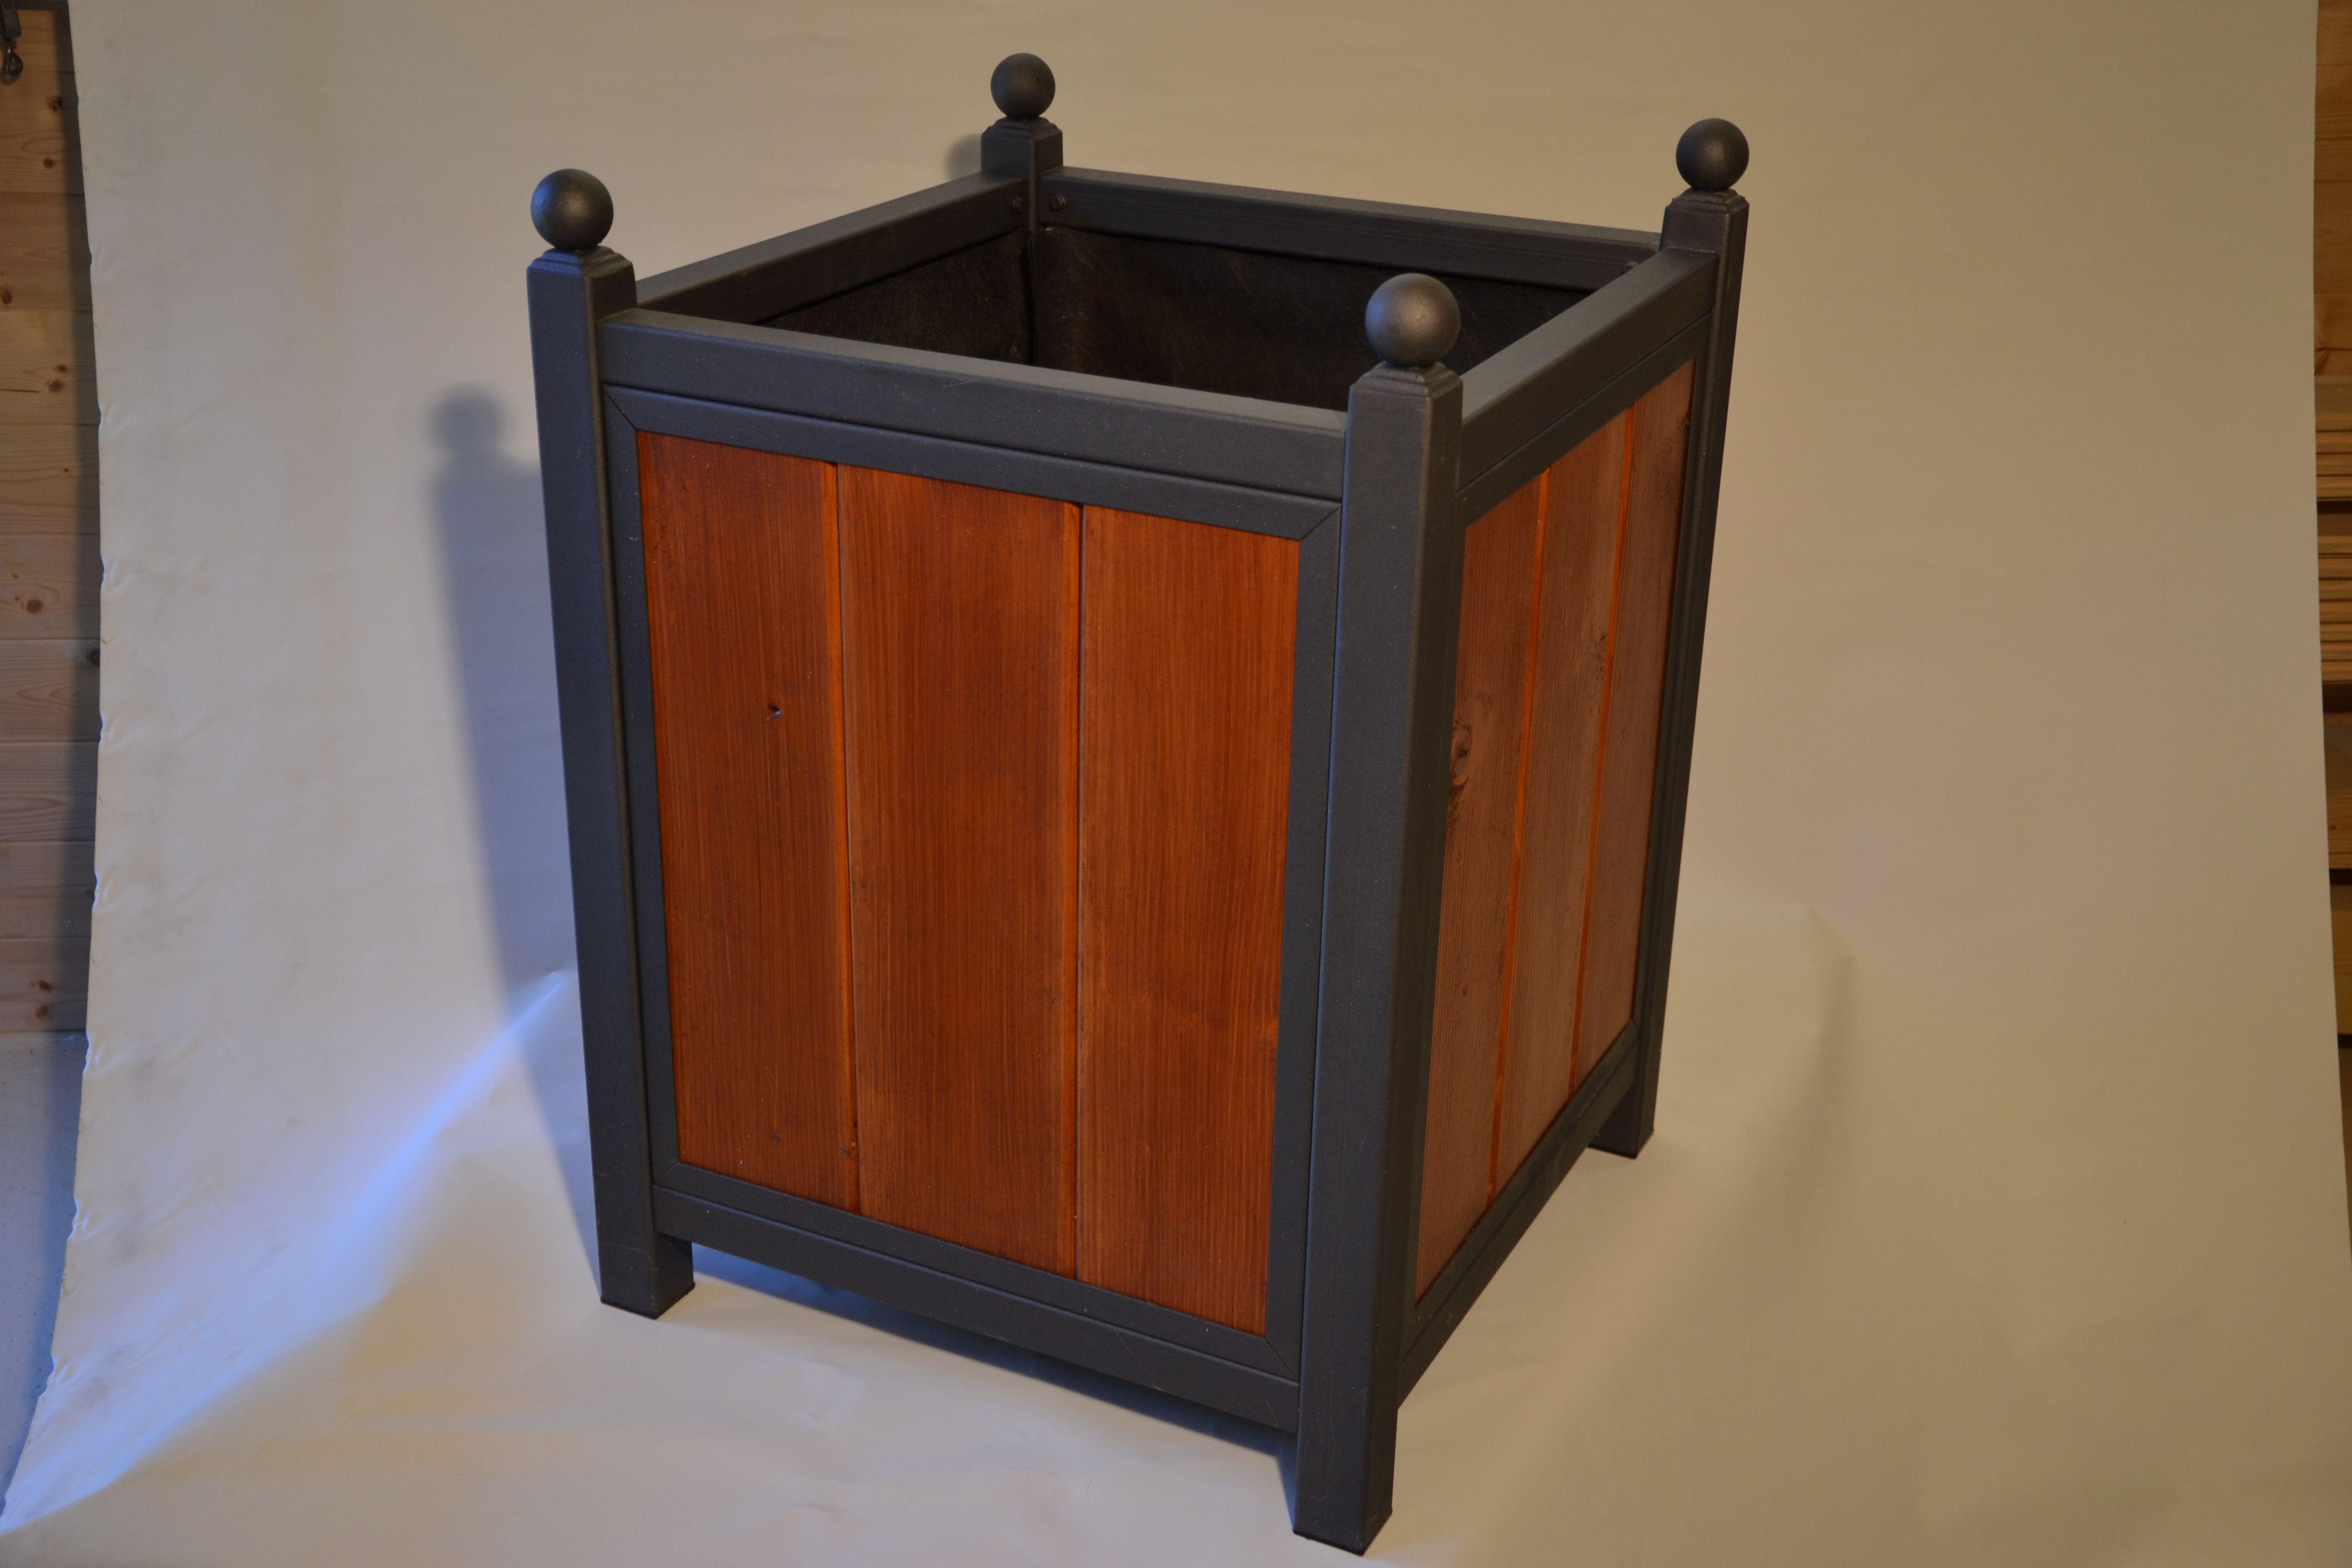 Pin D Oregon Couleur Épinglé sur jardinière caisse d'orangerie bois/acier model